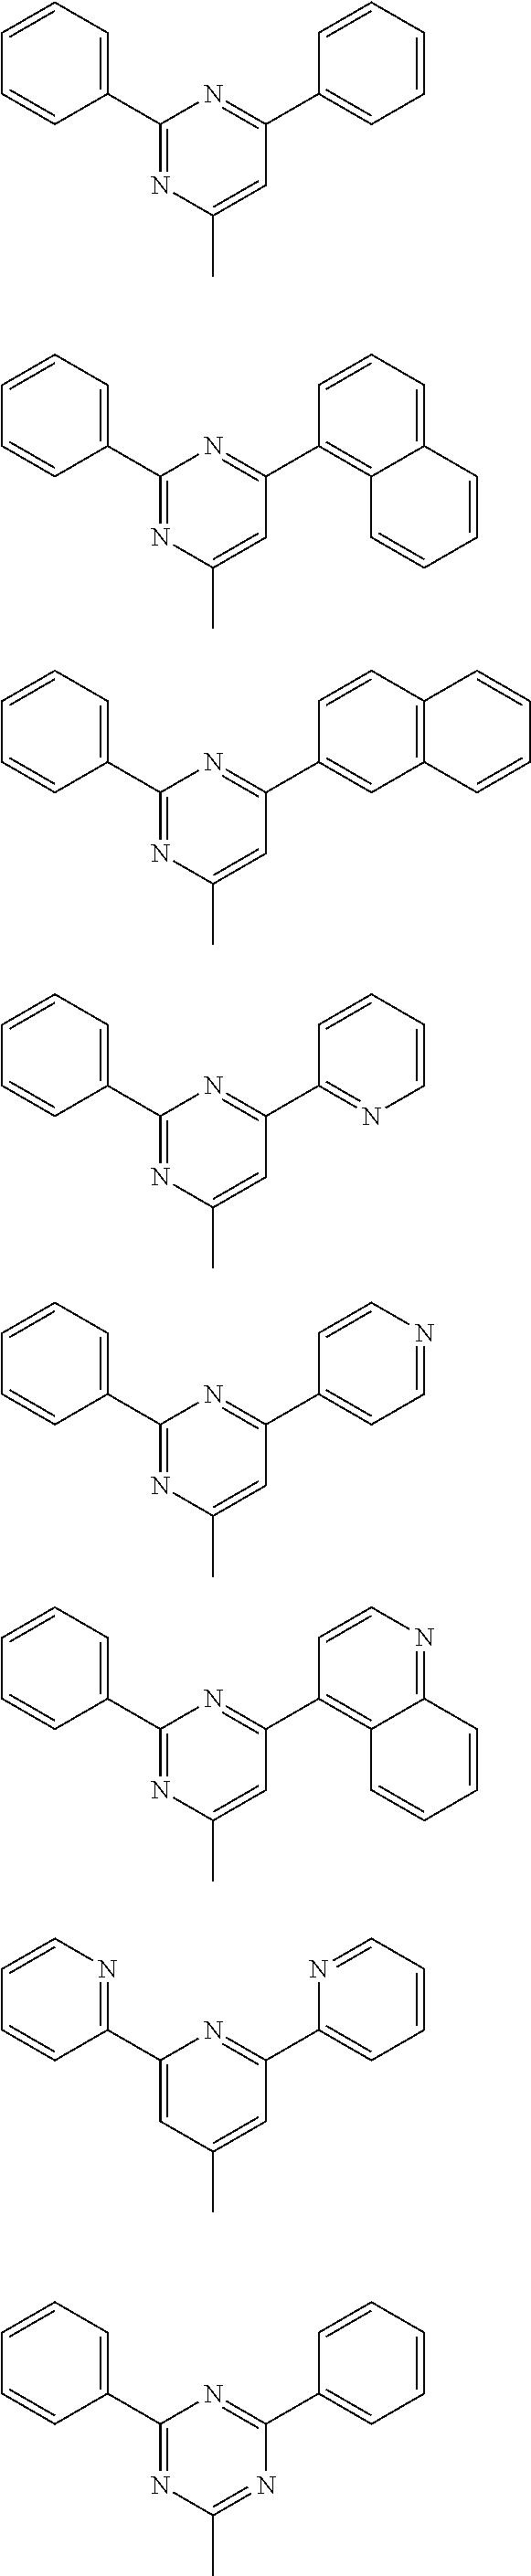 Figure US09837615-20171205-C00110